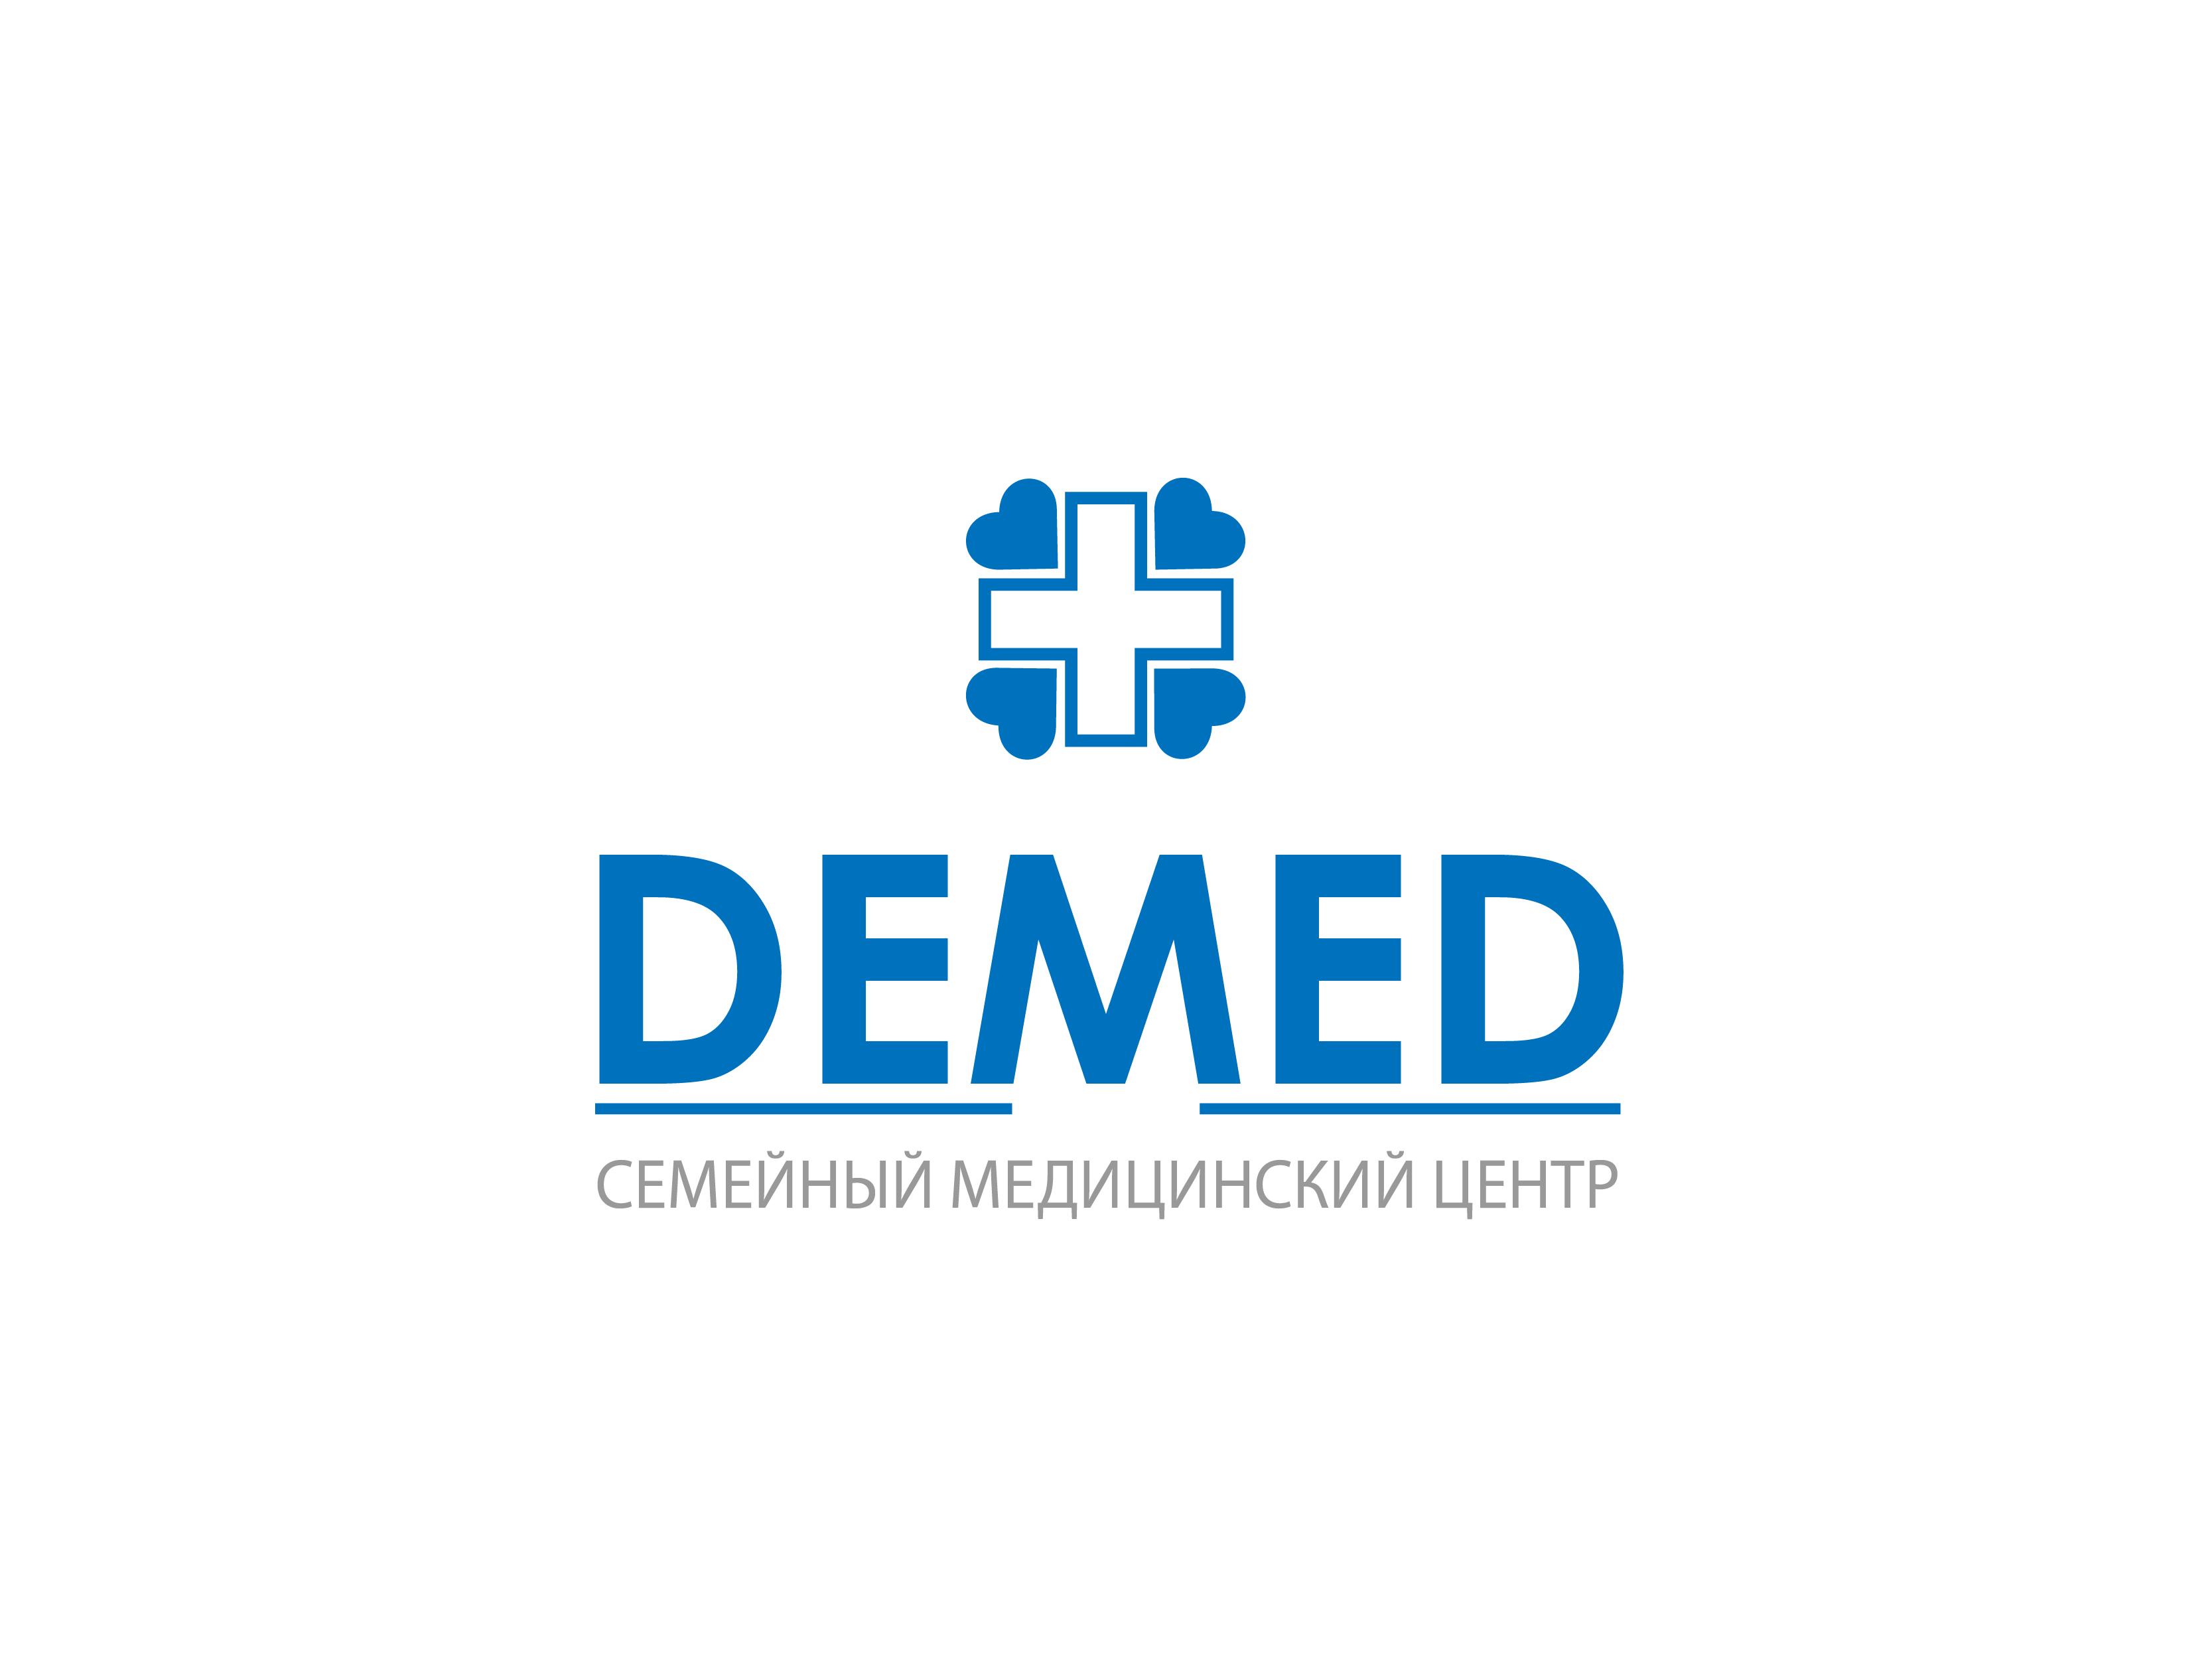 Логотип медицинского центра фото f_3625dc54d73a3f98.png